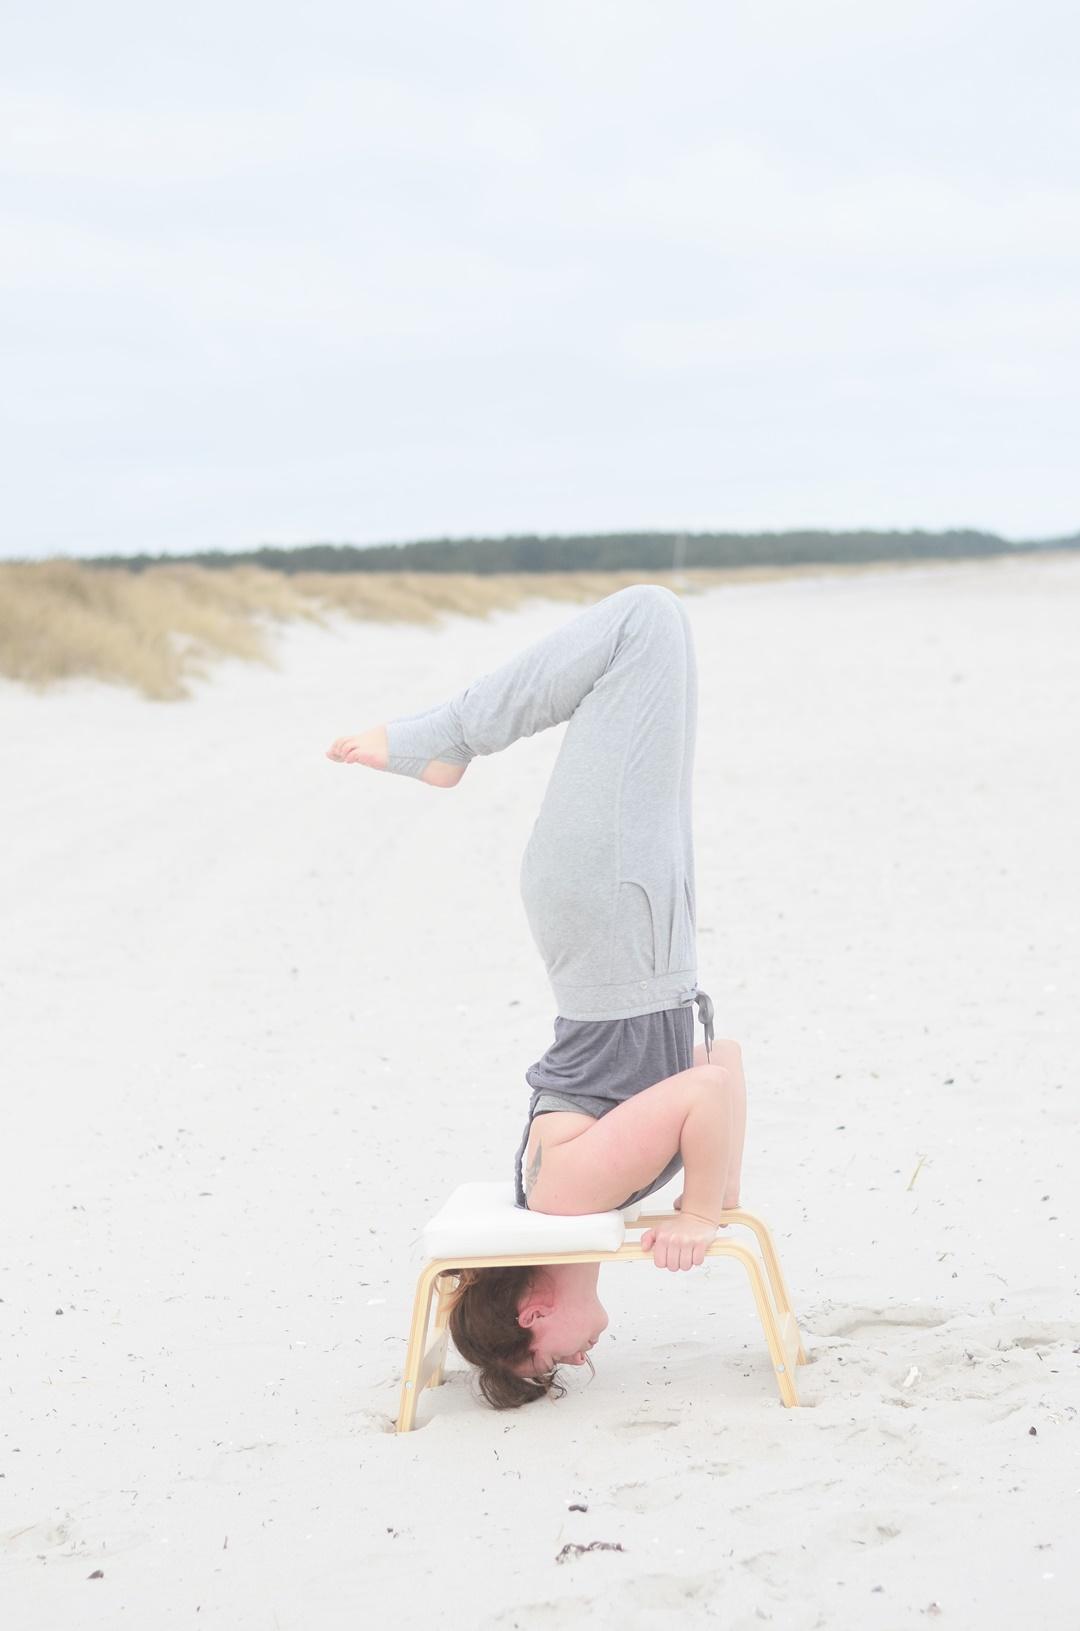 Feedup_Feedup Trainer_Handstand_Schulterstand_Sport am Meer_Ostsee_Sport am Strand_Annanikabu_Yoga_Yoga am Meer_Yoga am Strand_Fitnessblog (12)